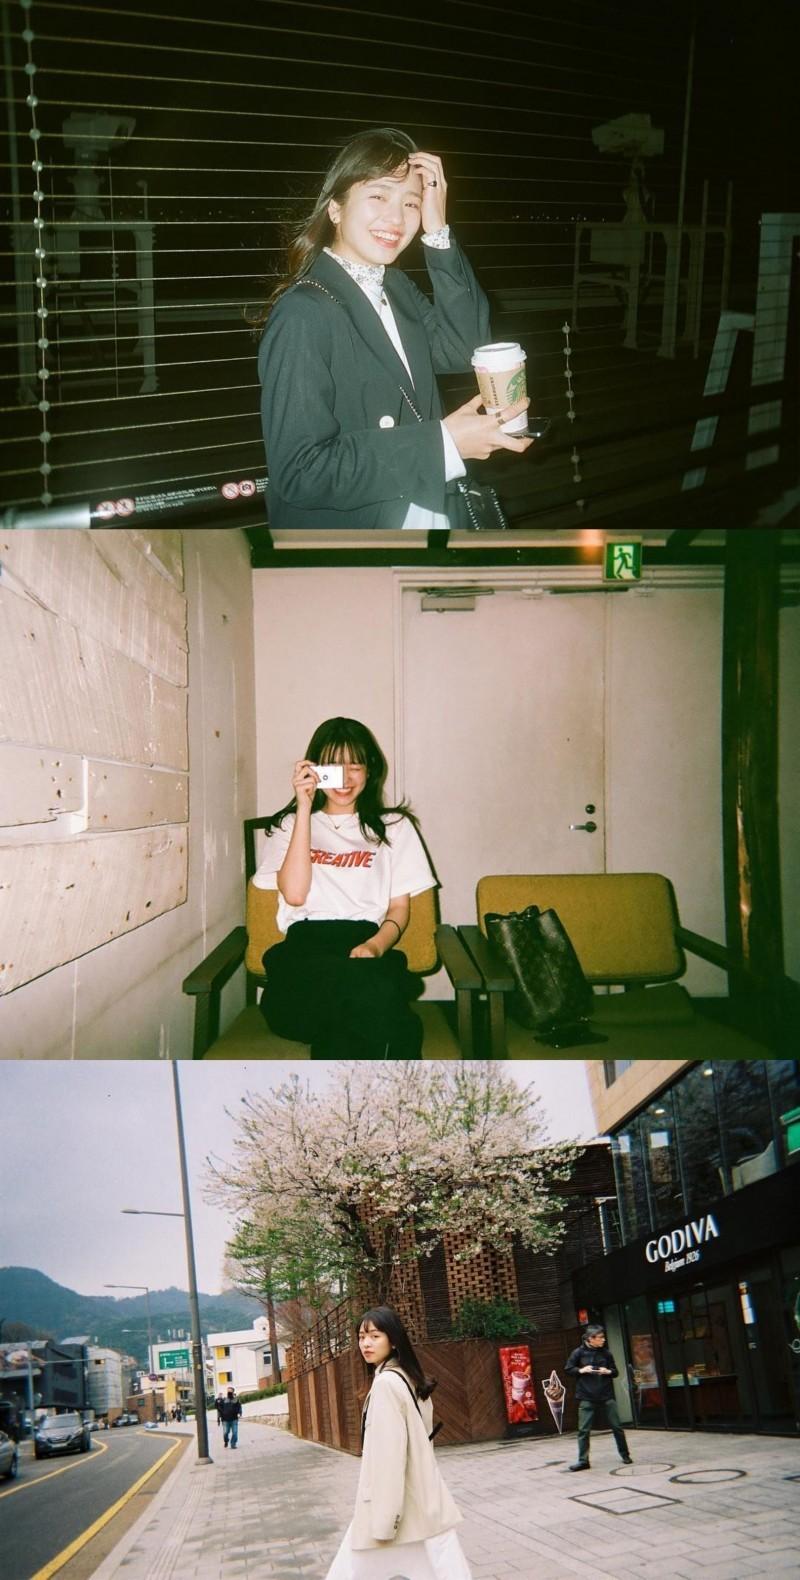 【捕鱼王】横田真悠 胶片日常合集 可爱的女孩纸 